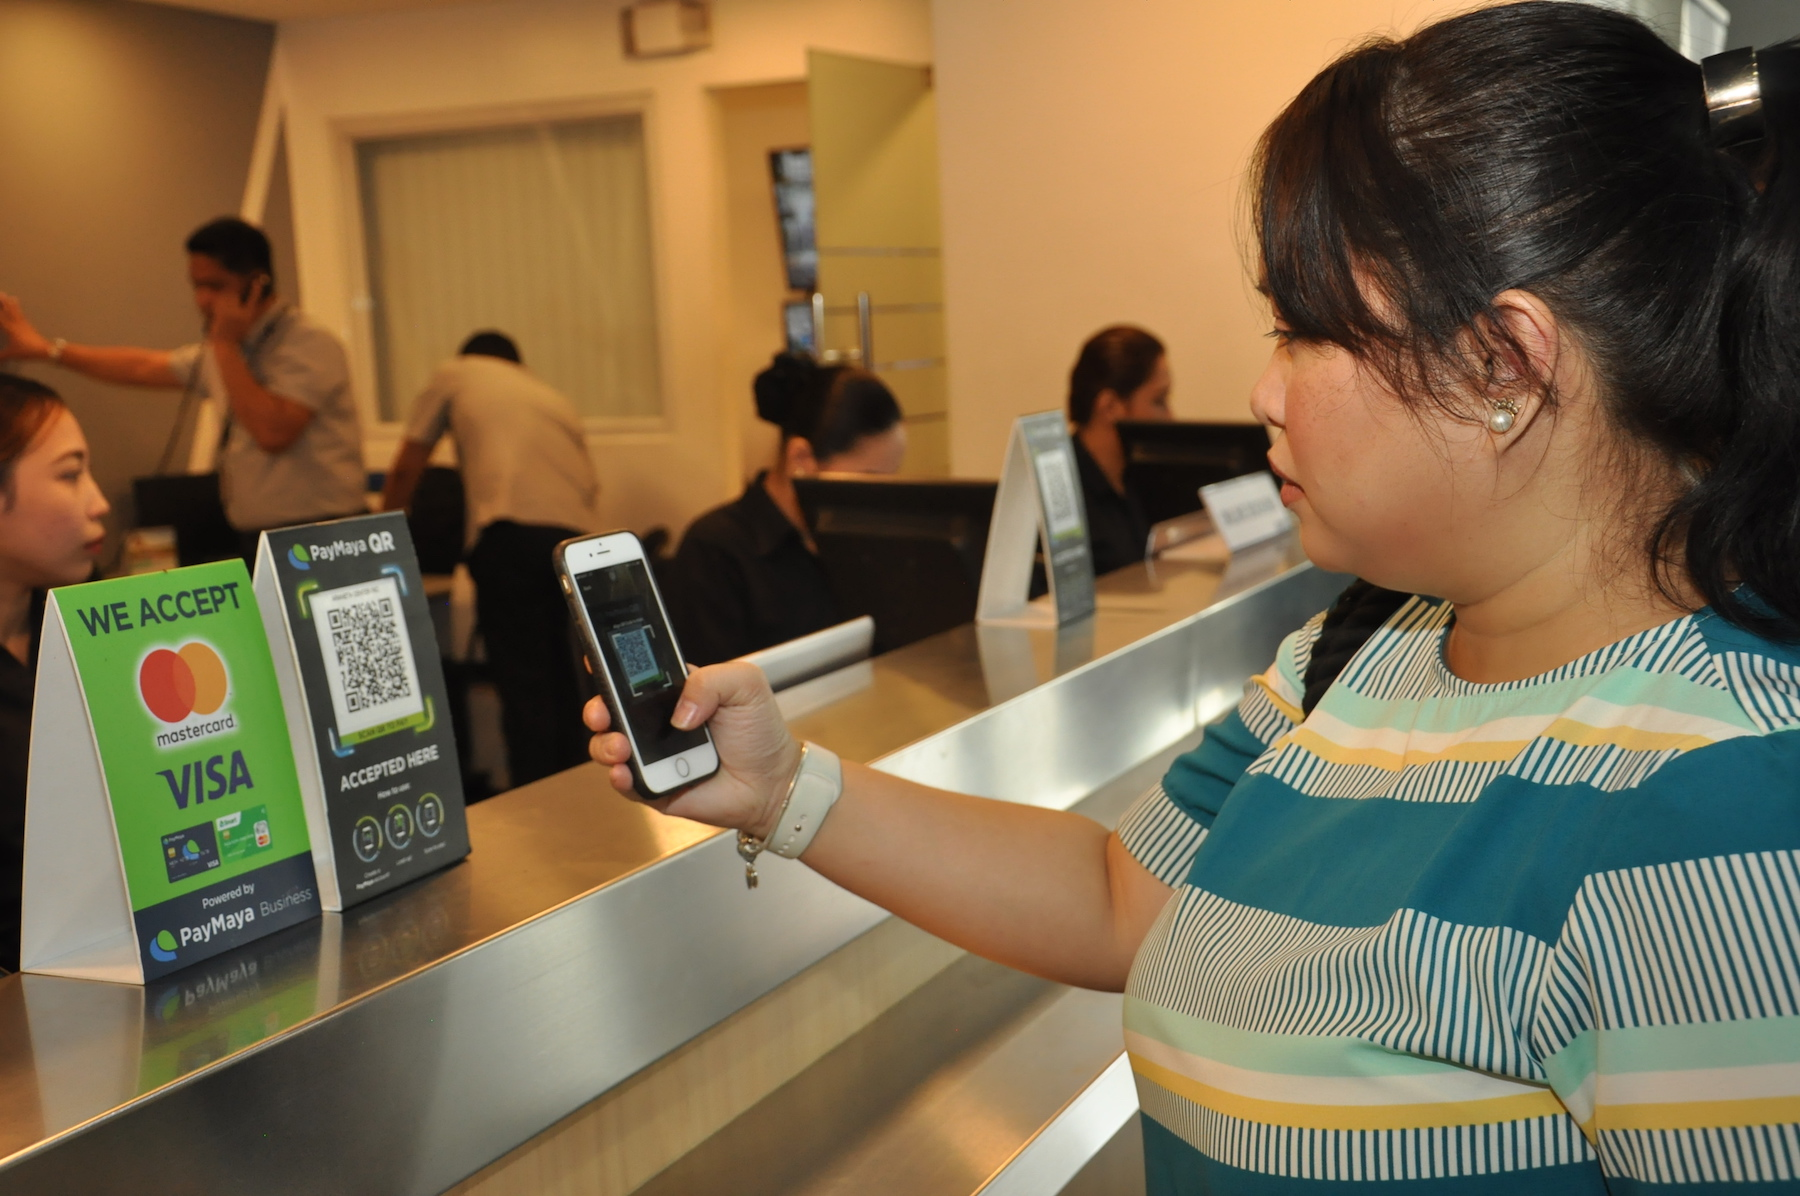 Araneta Center BusPort Now Accepts Payments thru PayMaya!